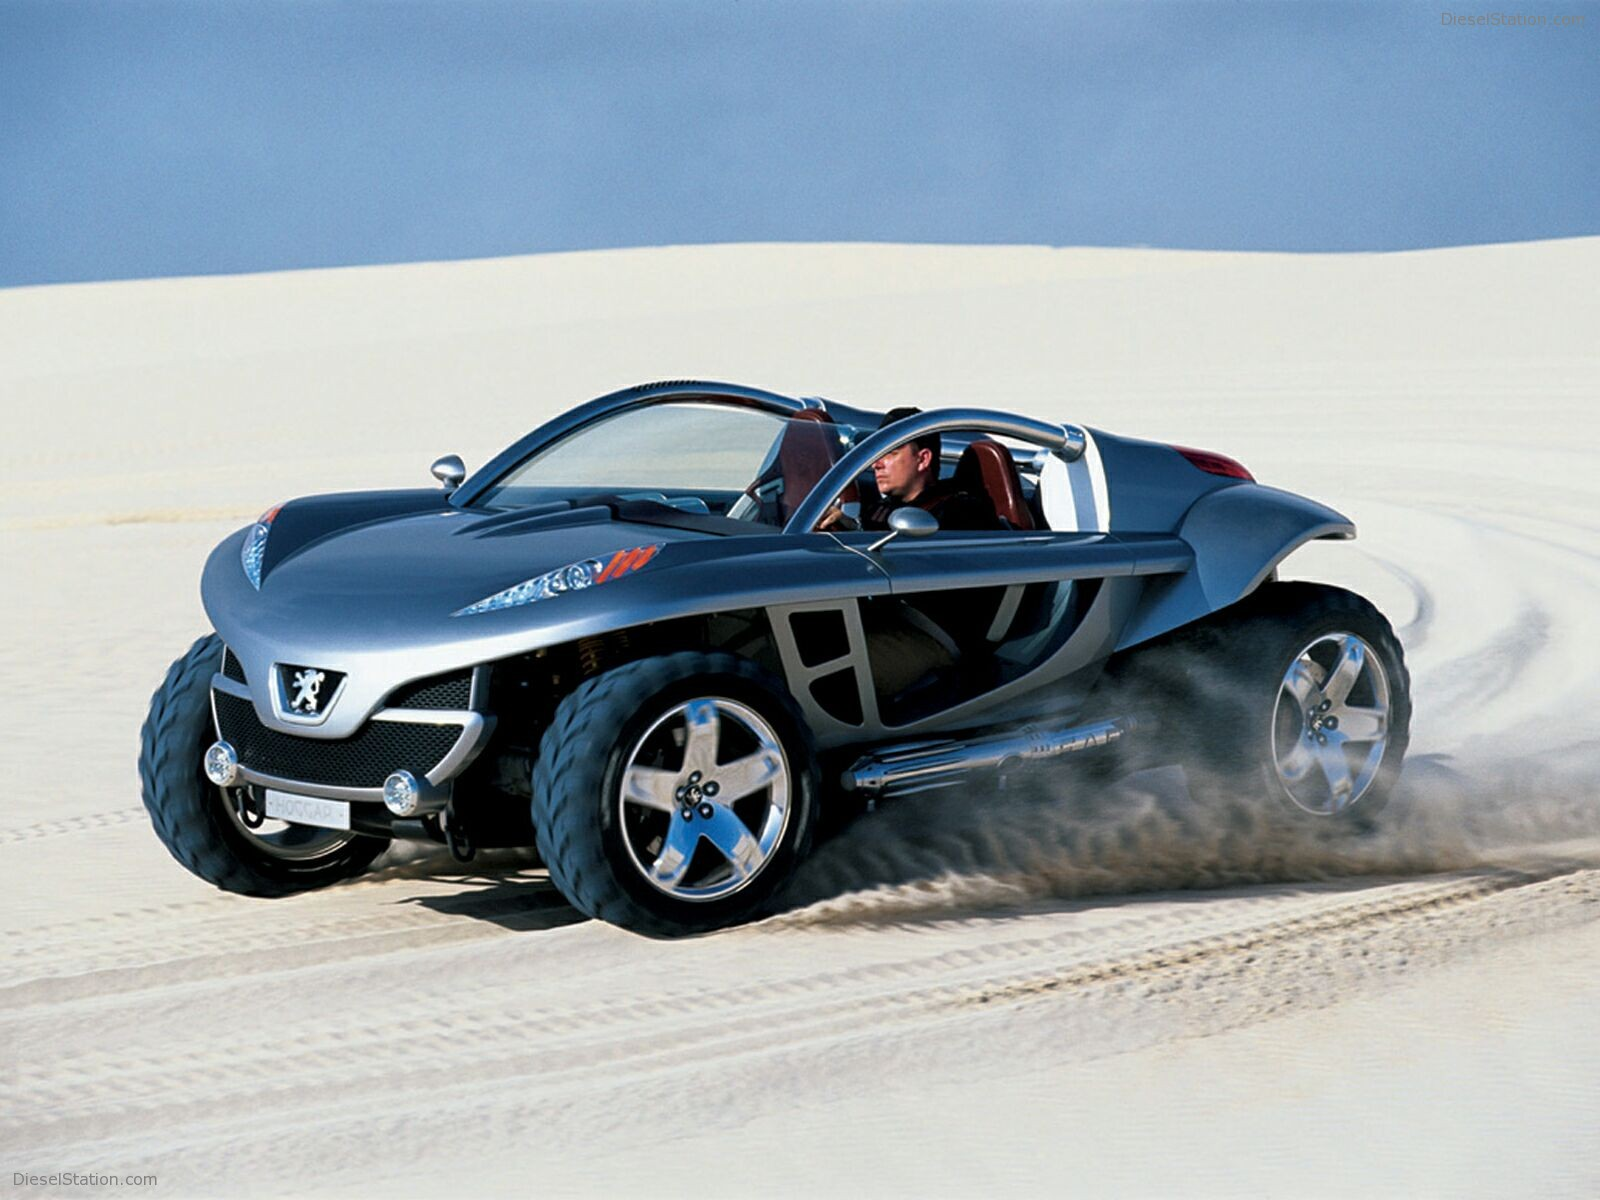 Peugeot-Hoggar-021